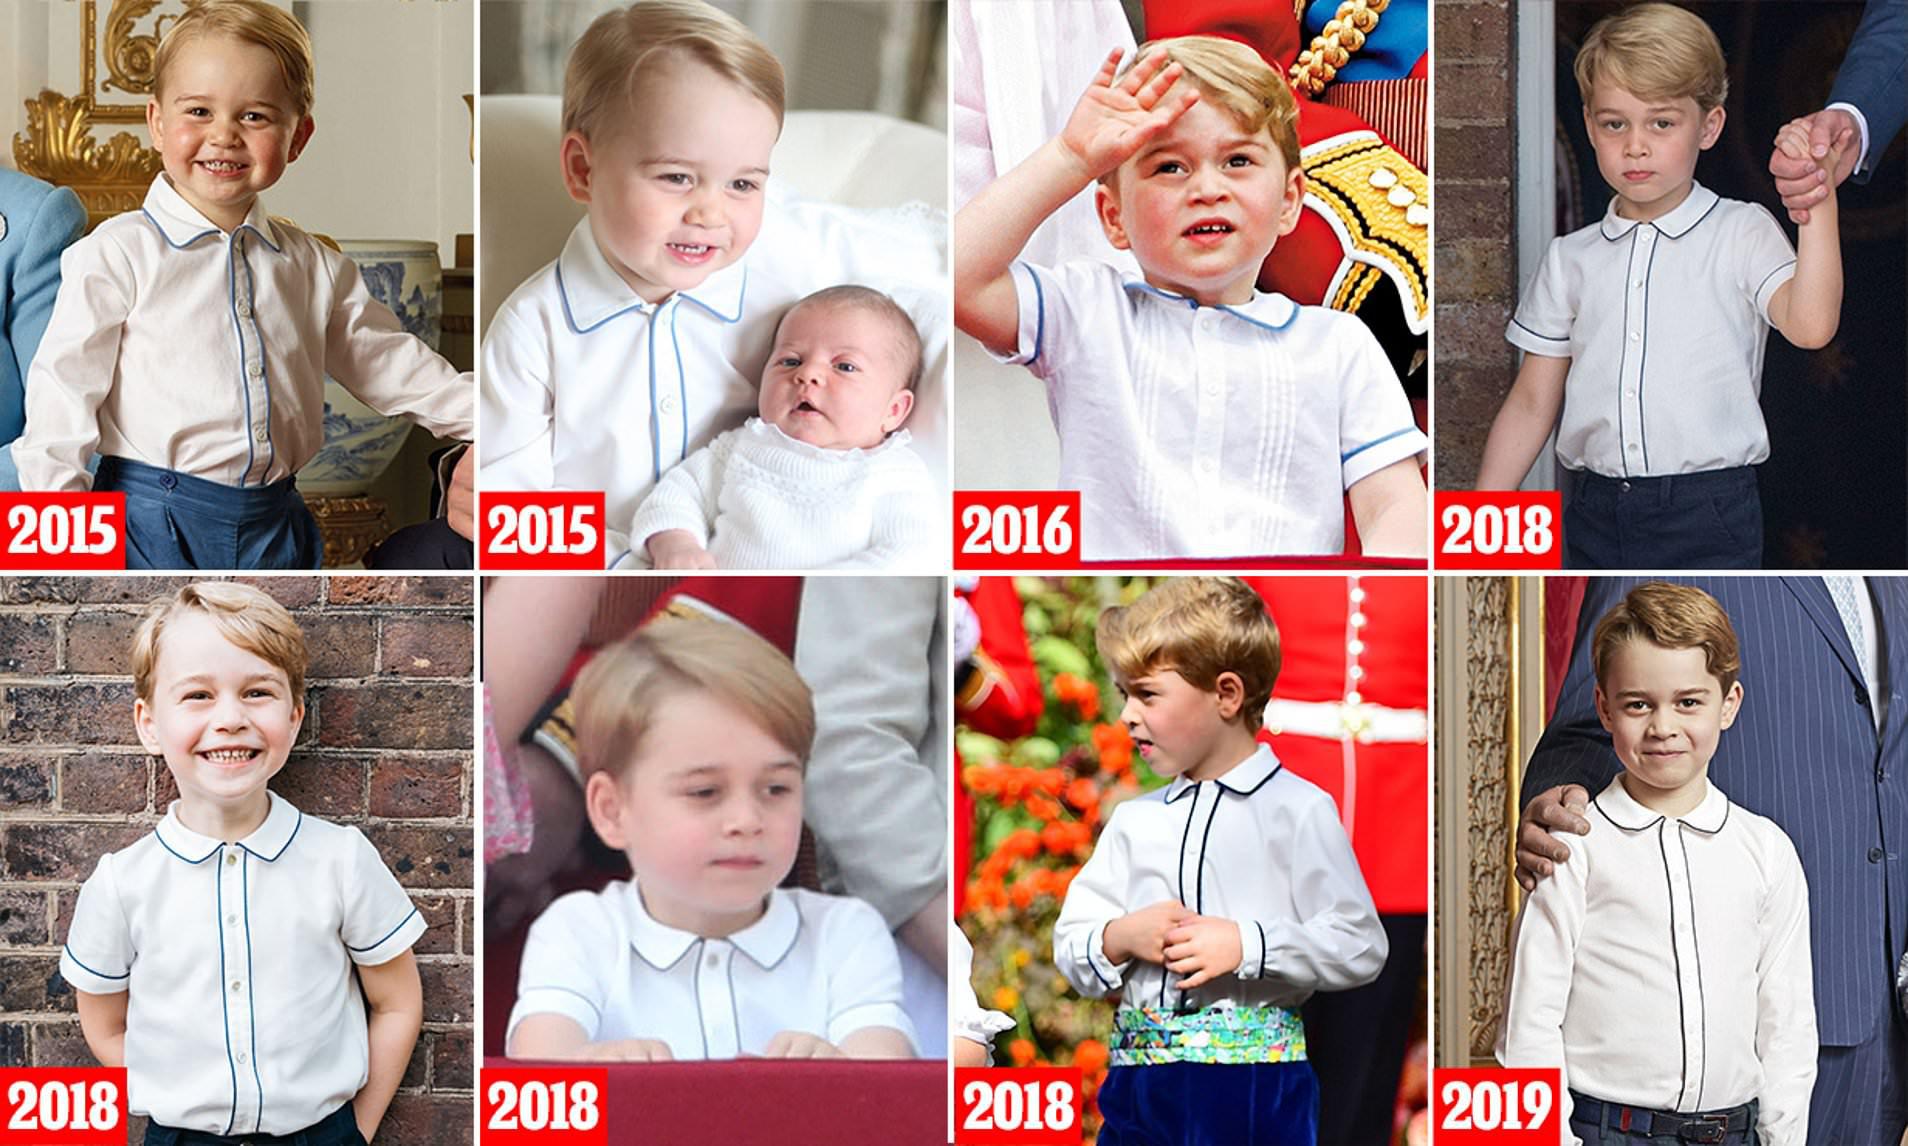 Hoàng tử Geogre ngày càng ra dáng, diện đi diện lại 1 kiểu áo mà khí chất thăng hạng vù vù - Ảnh 3.